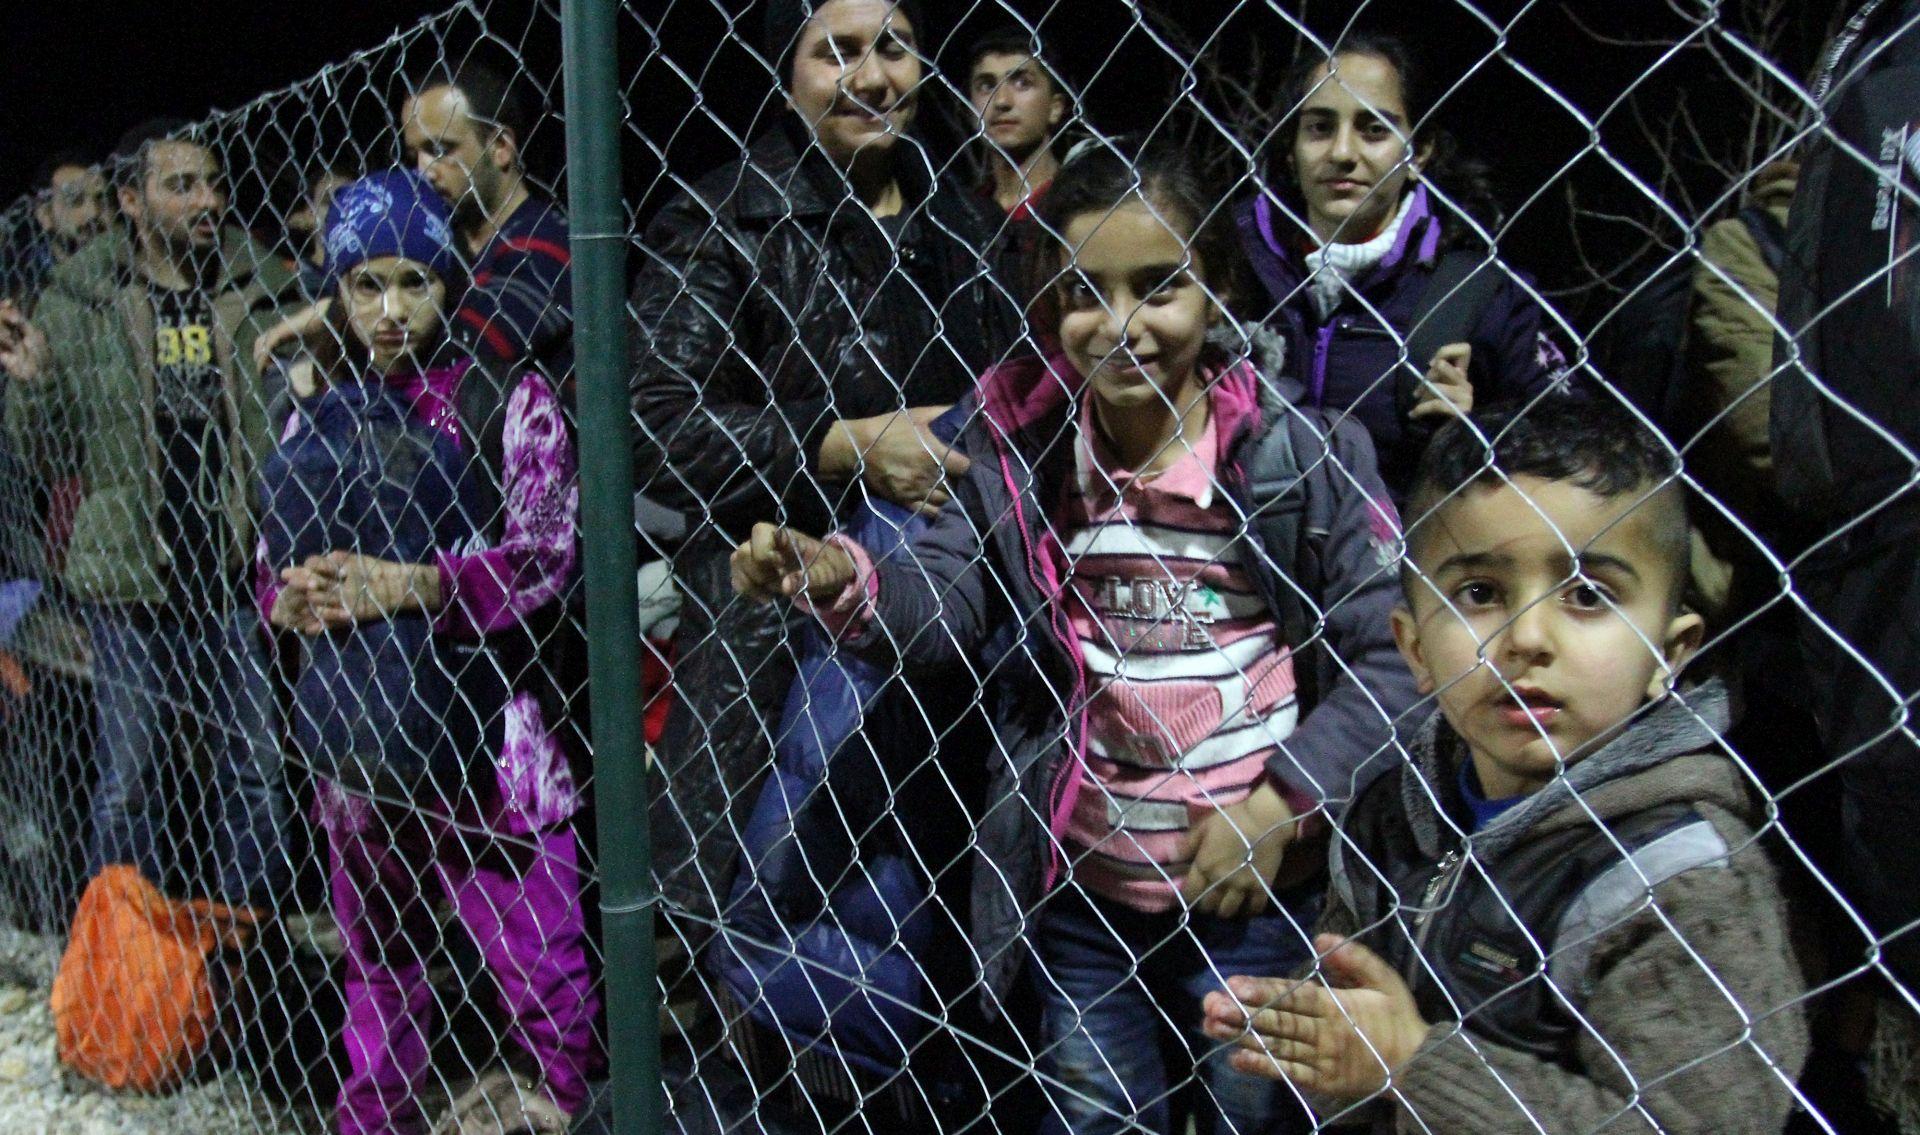 POLICIJSKI DUŽNOSNIK Granice Srbije nisu zatvorene